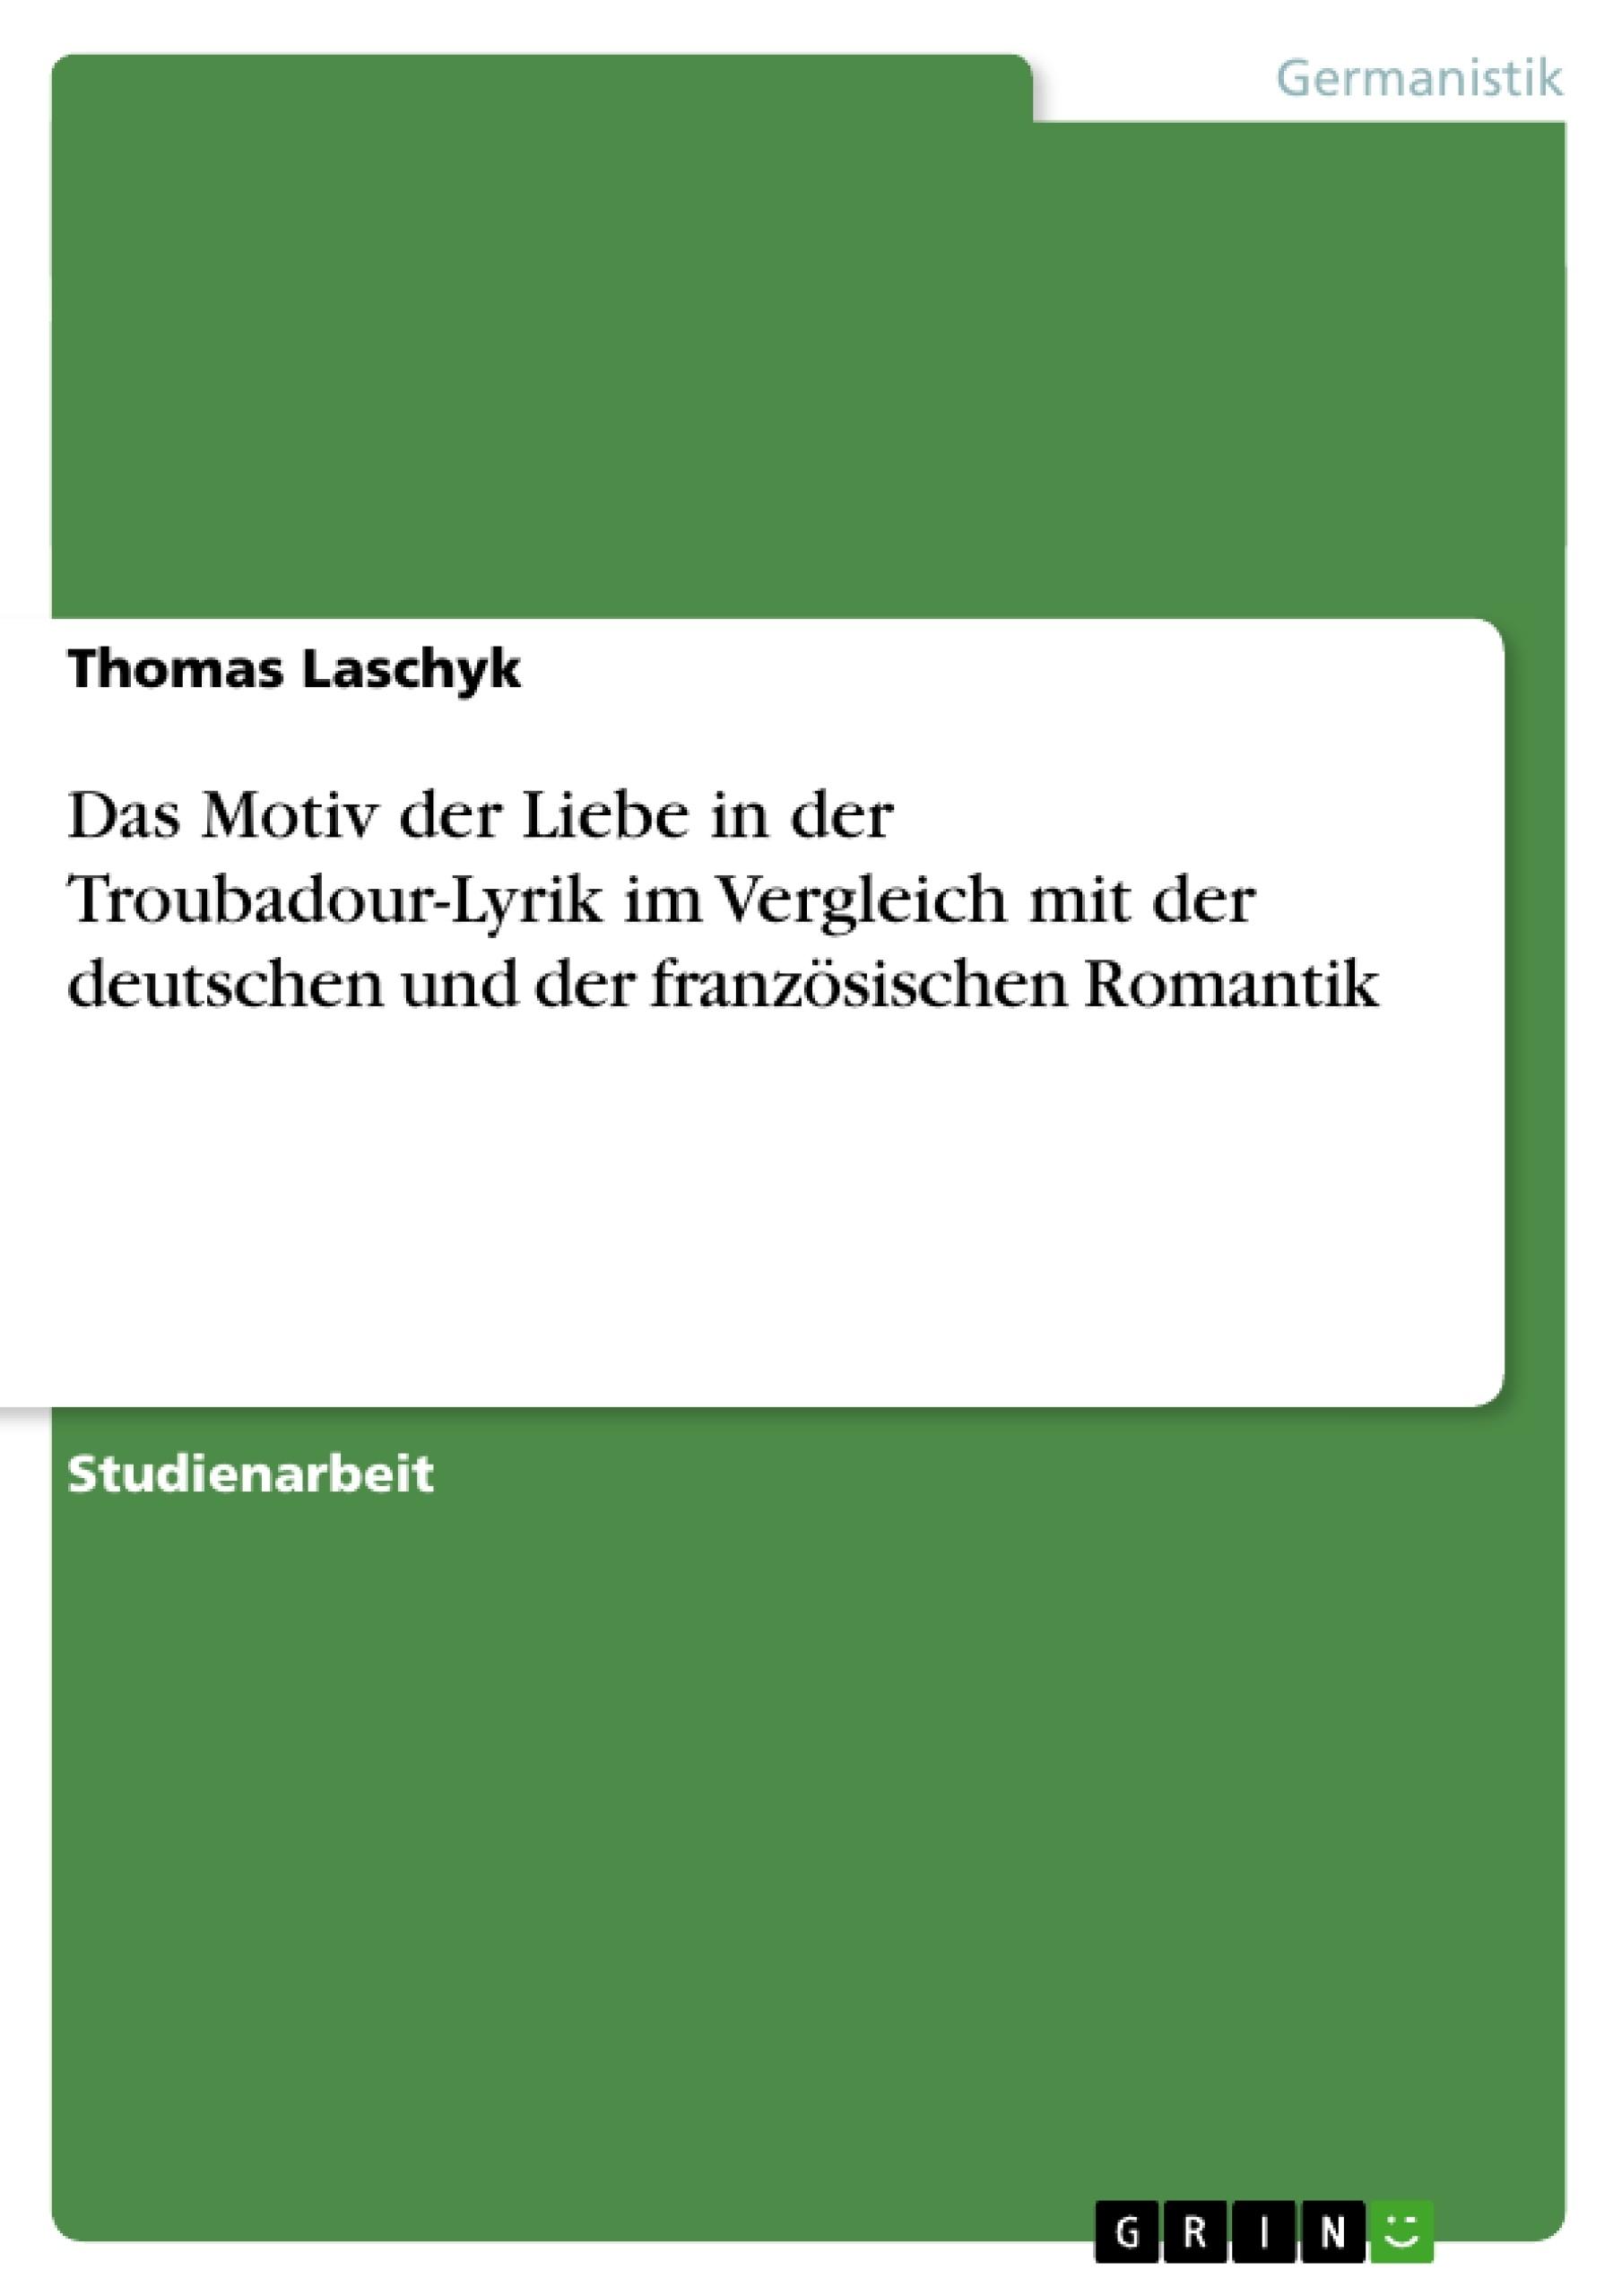 Titel: Das Motiv der Liebe in der Troubadour-Lyrik im Vergleich mit der deutschen und der französischen Romantik